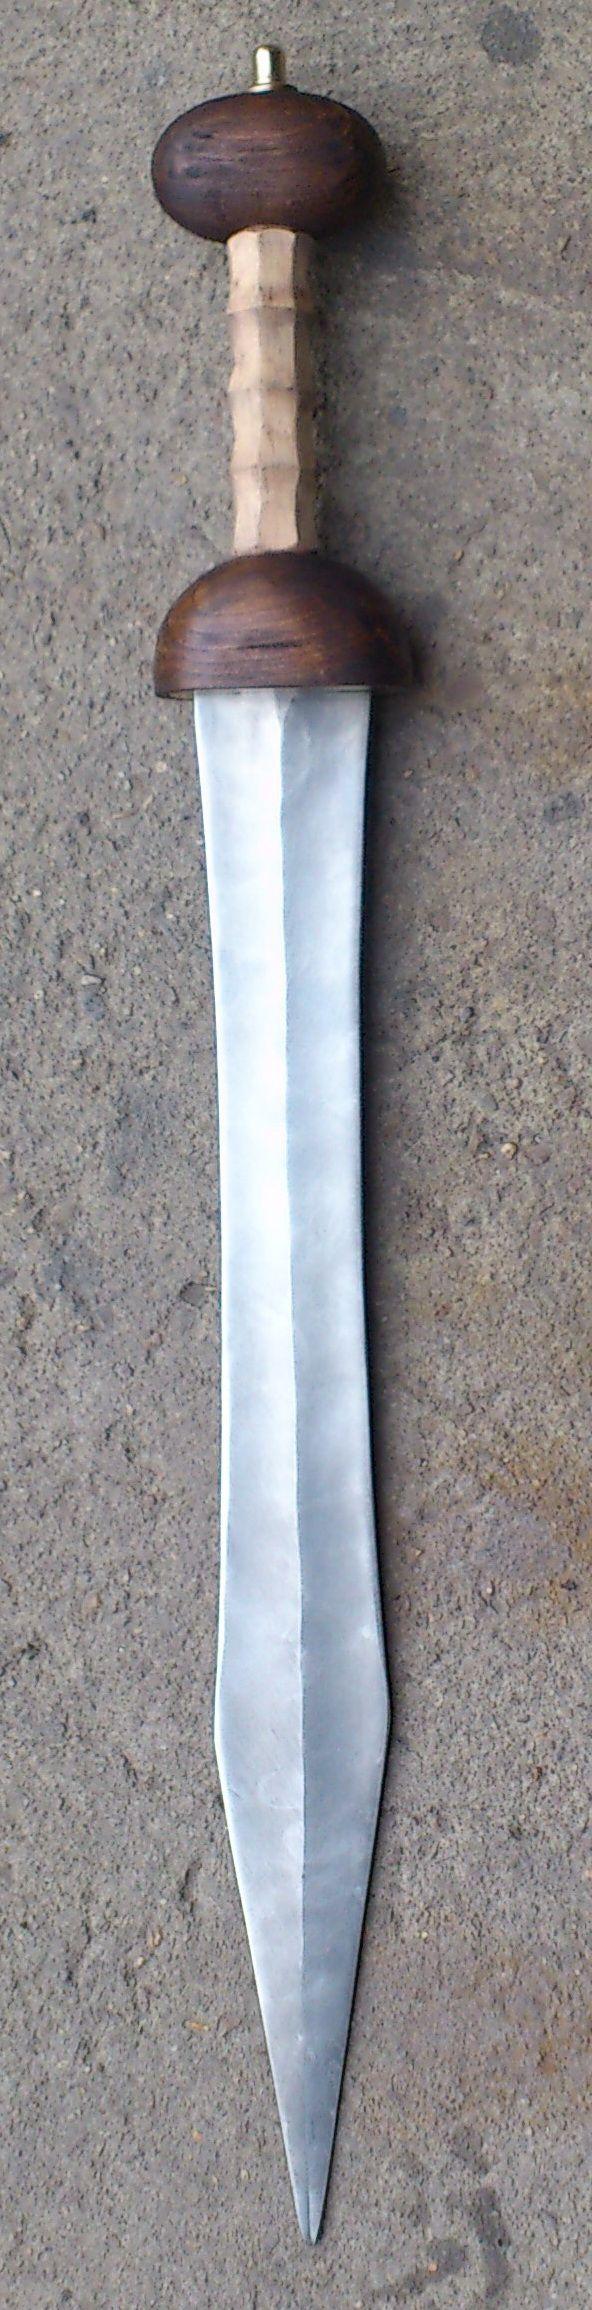 Gladius je latinské označení pro krátký meč. Římané tyto meče používali jako standardní zbraň pro své vojáky, neboť byla ideální pro efektivní boj v těsné formaci, na rozdíl od dlouhých mečů